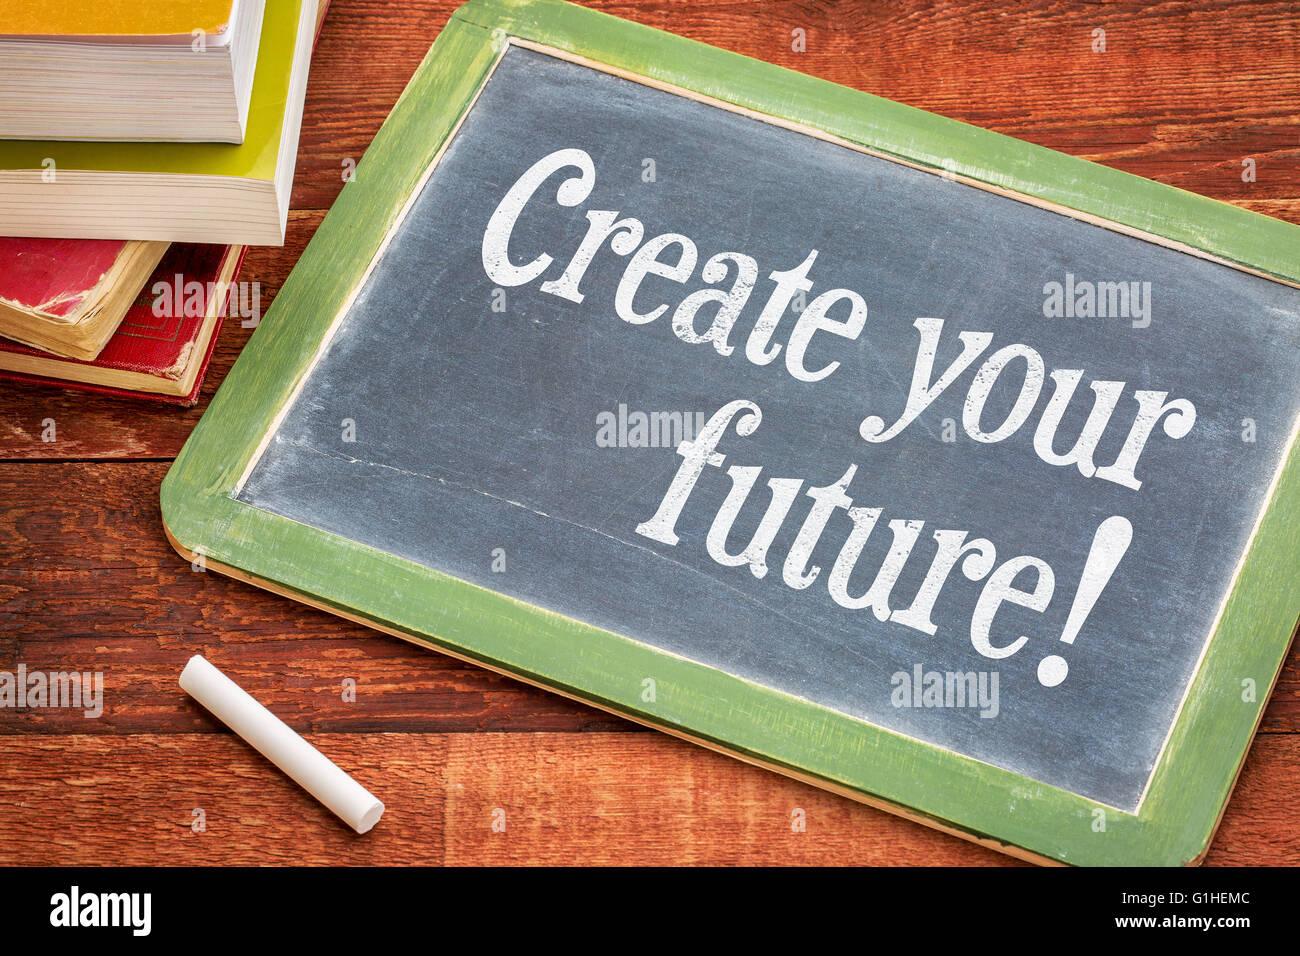 Gestalten Sie Ihre Zukunft - inspirierenden Satz auf einer ...